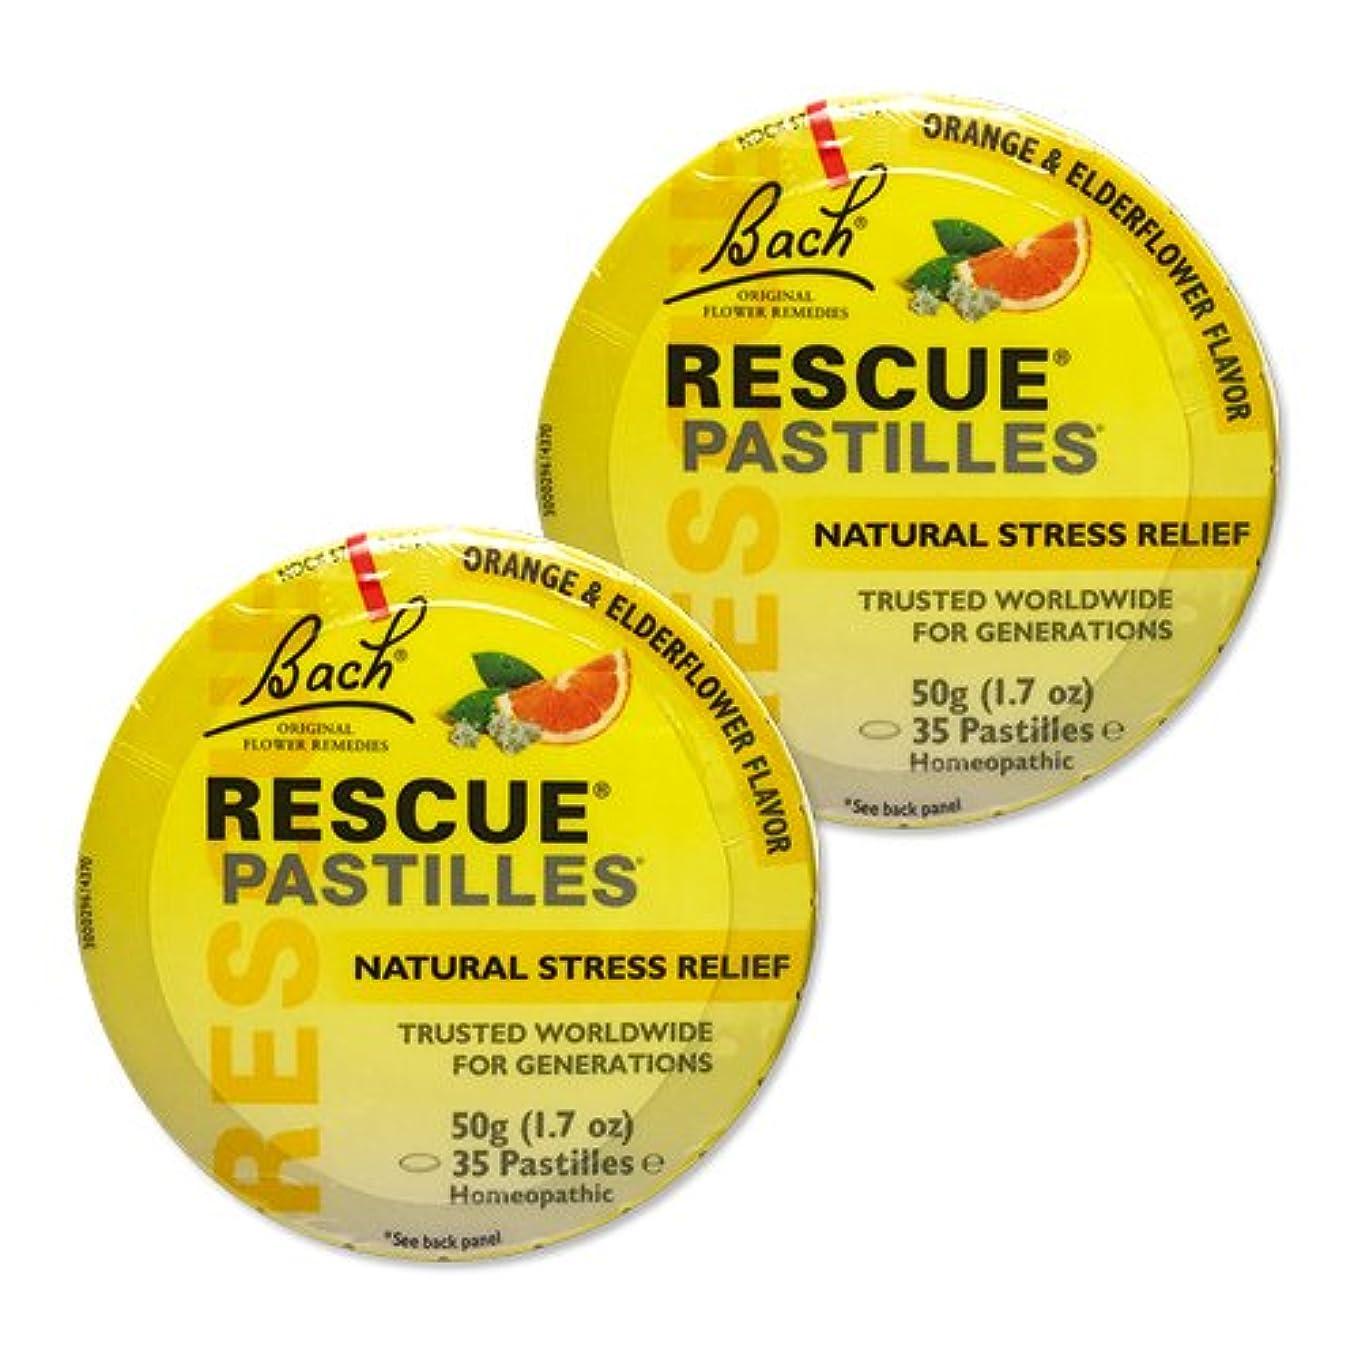 バンガロー命令王位【2個セット】 [海外直送品]バッチフラワー レスキューレメディー パステル(オレンジ) Rescue Pastilles: For Occasional...